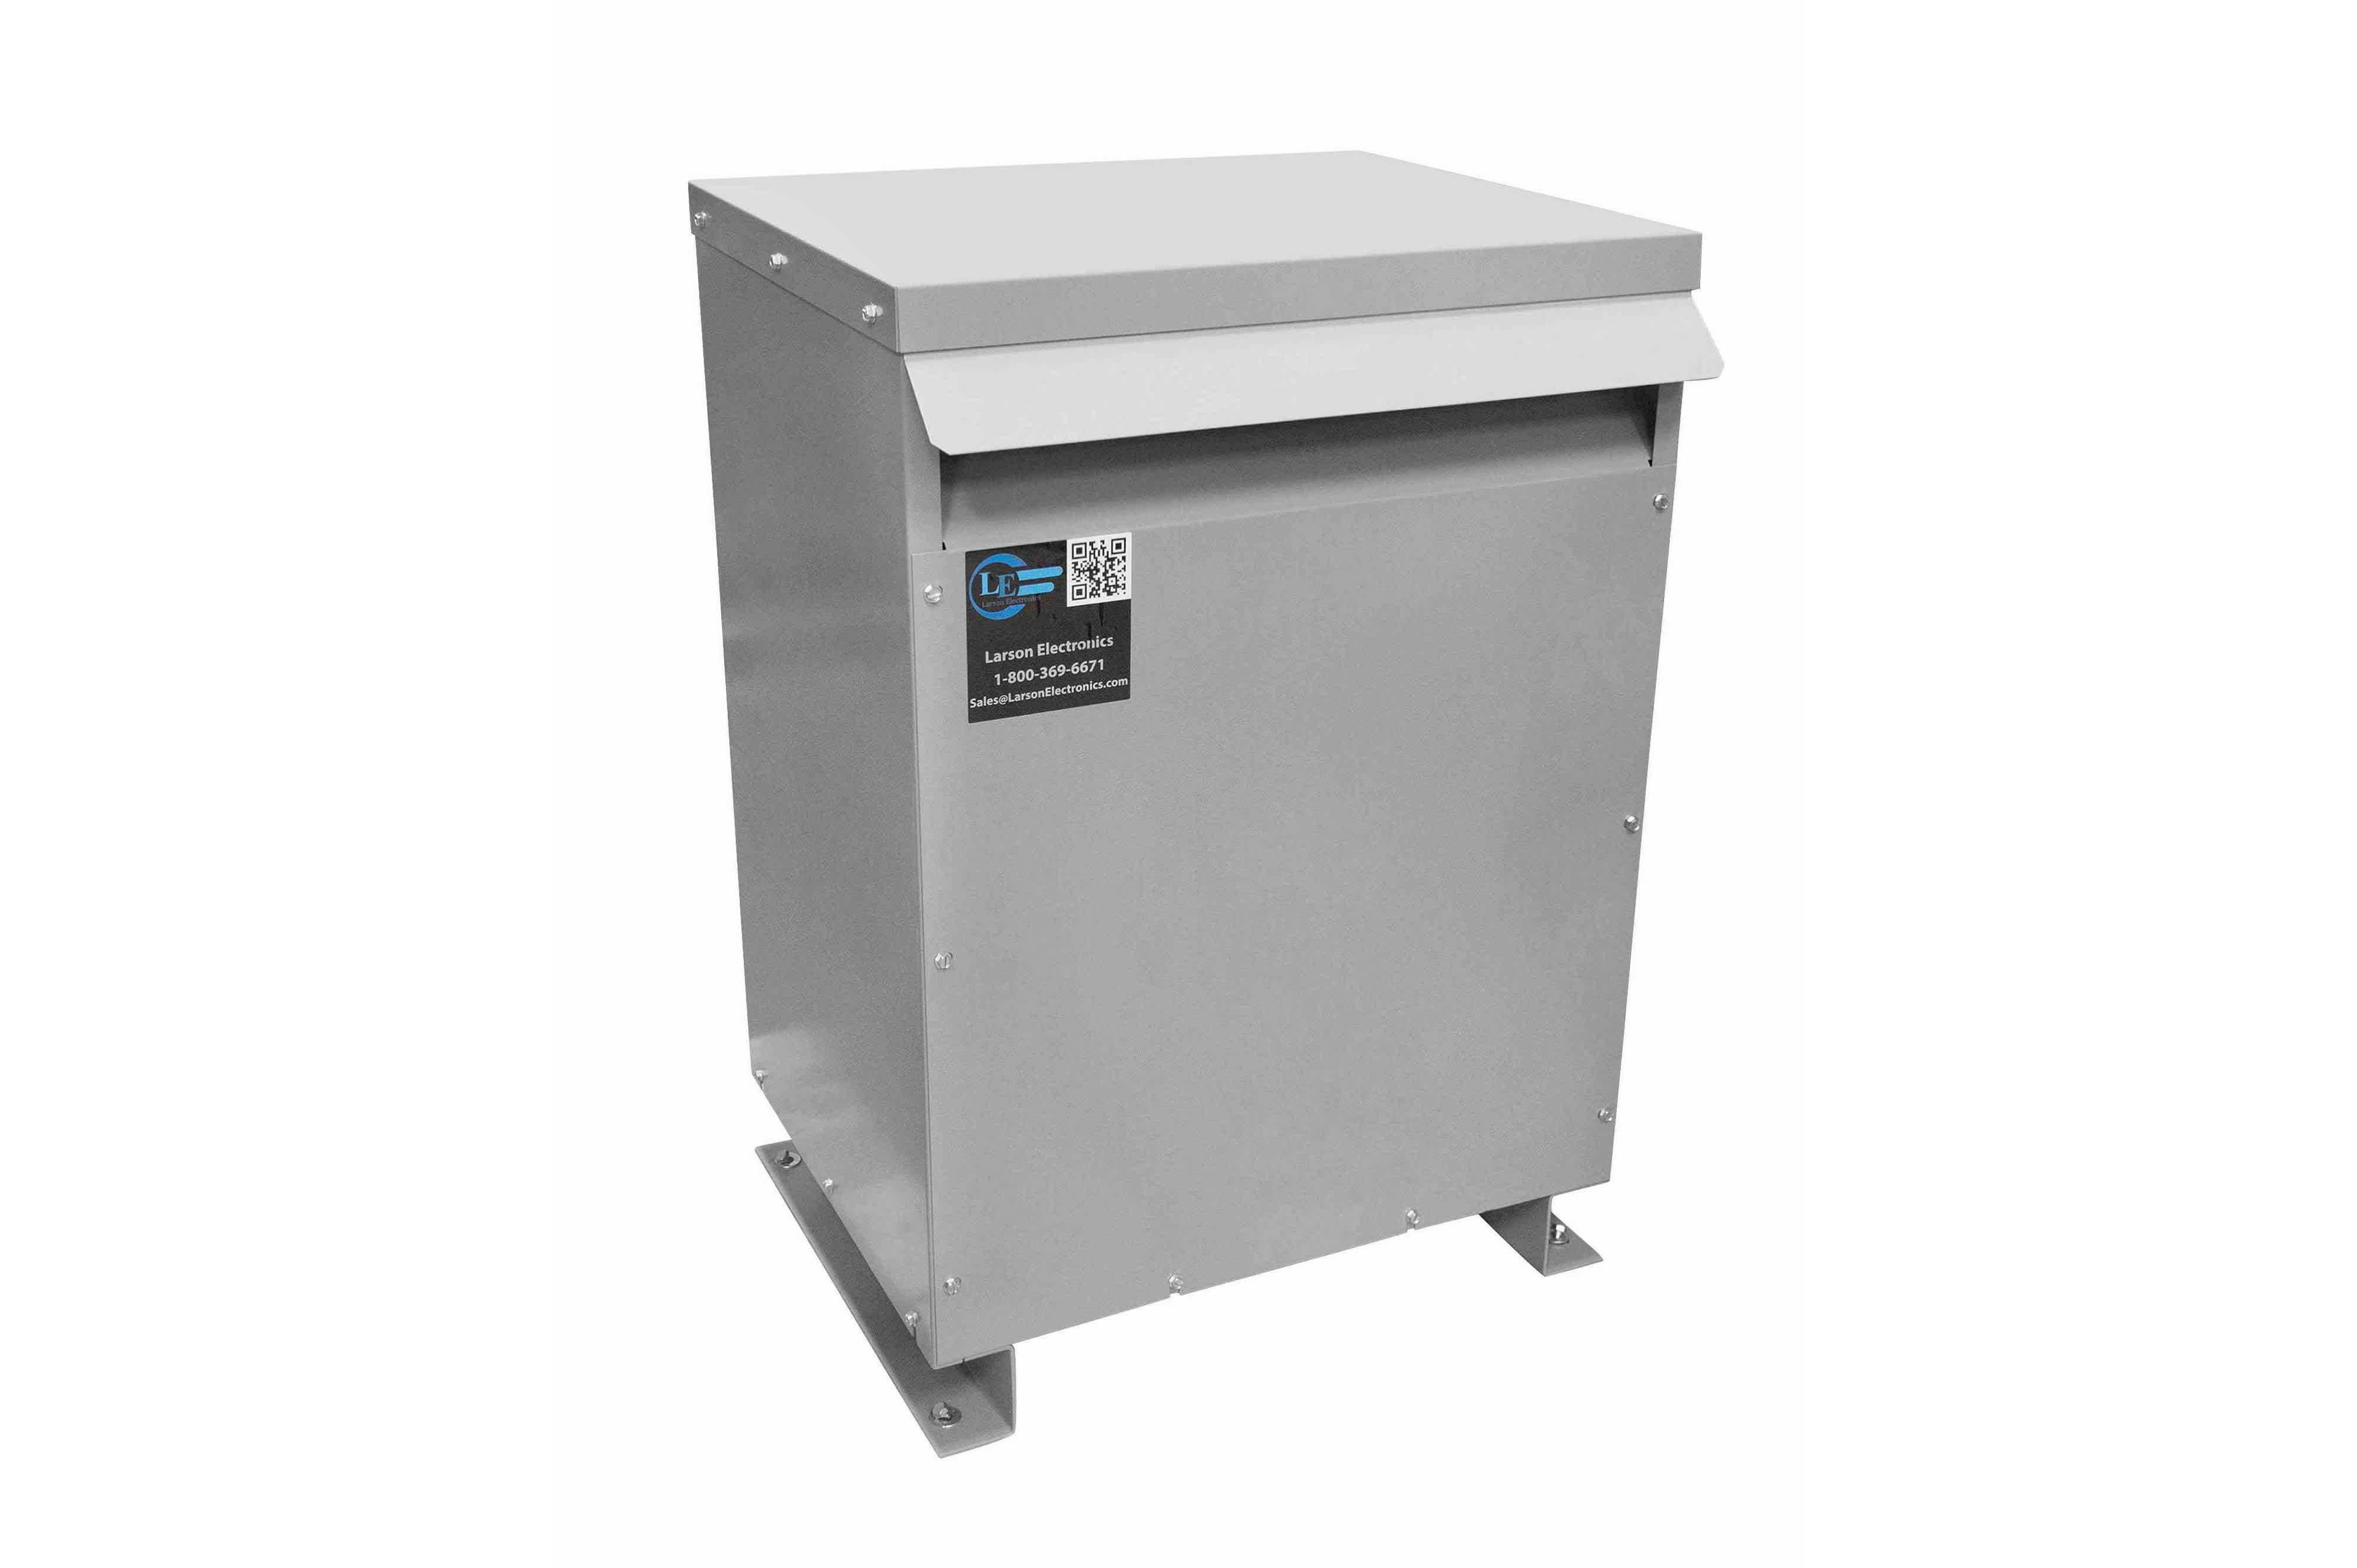 14 kVA 3PH Isolation Transformer, 460V Delta Primary, 208V Delta Secondary, N3R, Ventilated, 60 Hz